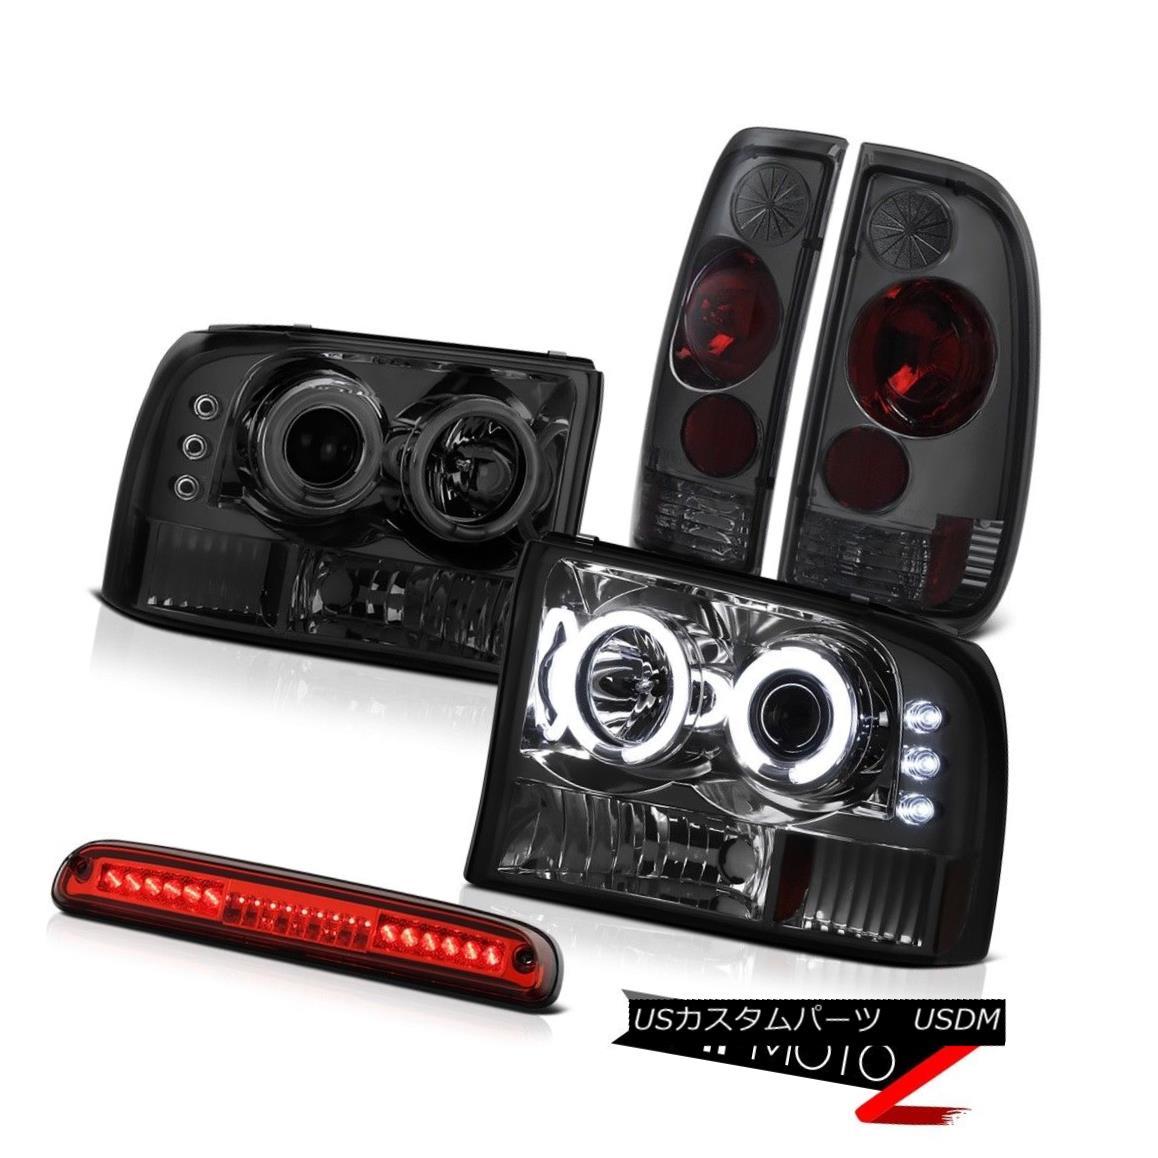 テールライト 99-04 F350 XL Projector CCFL RingHeadlamps Rear Signal TailLight Brake LED Red 99-04 F350 XLプロジェクターCCFLリングヘッドランプリアシグナルテールライトブレーキLEDレッド